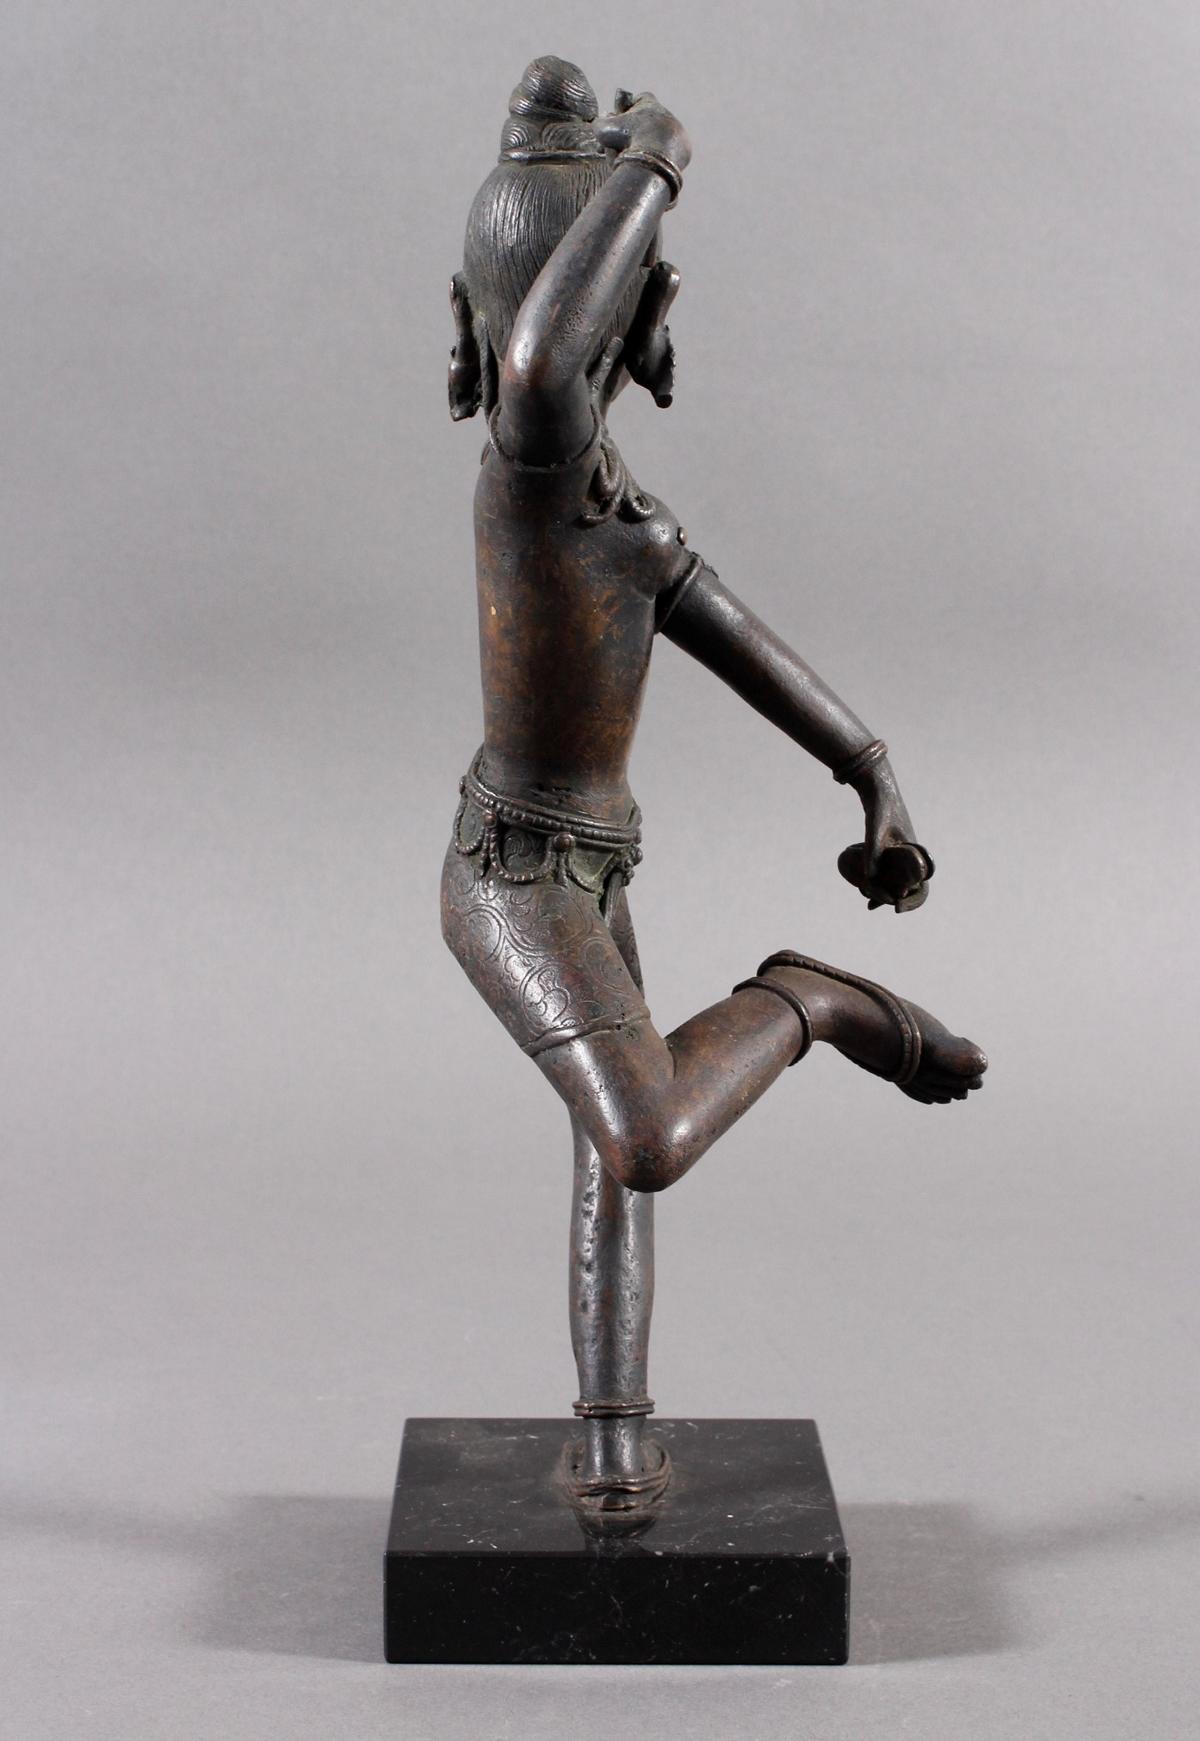 Bronze einer indischen Tänzerin auf schwarzem Marmorsockel, Südindien Anfang 20. Jahrhundert-4